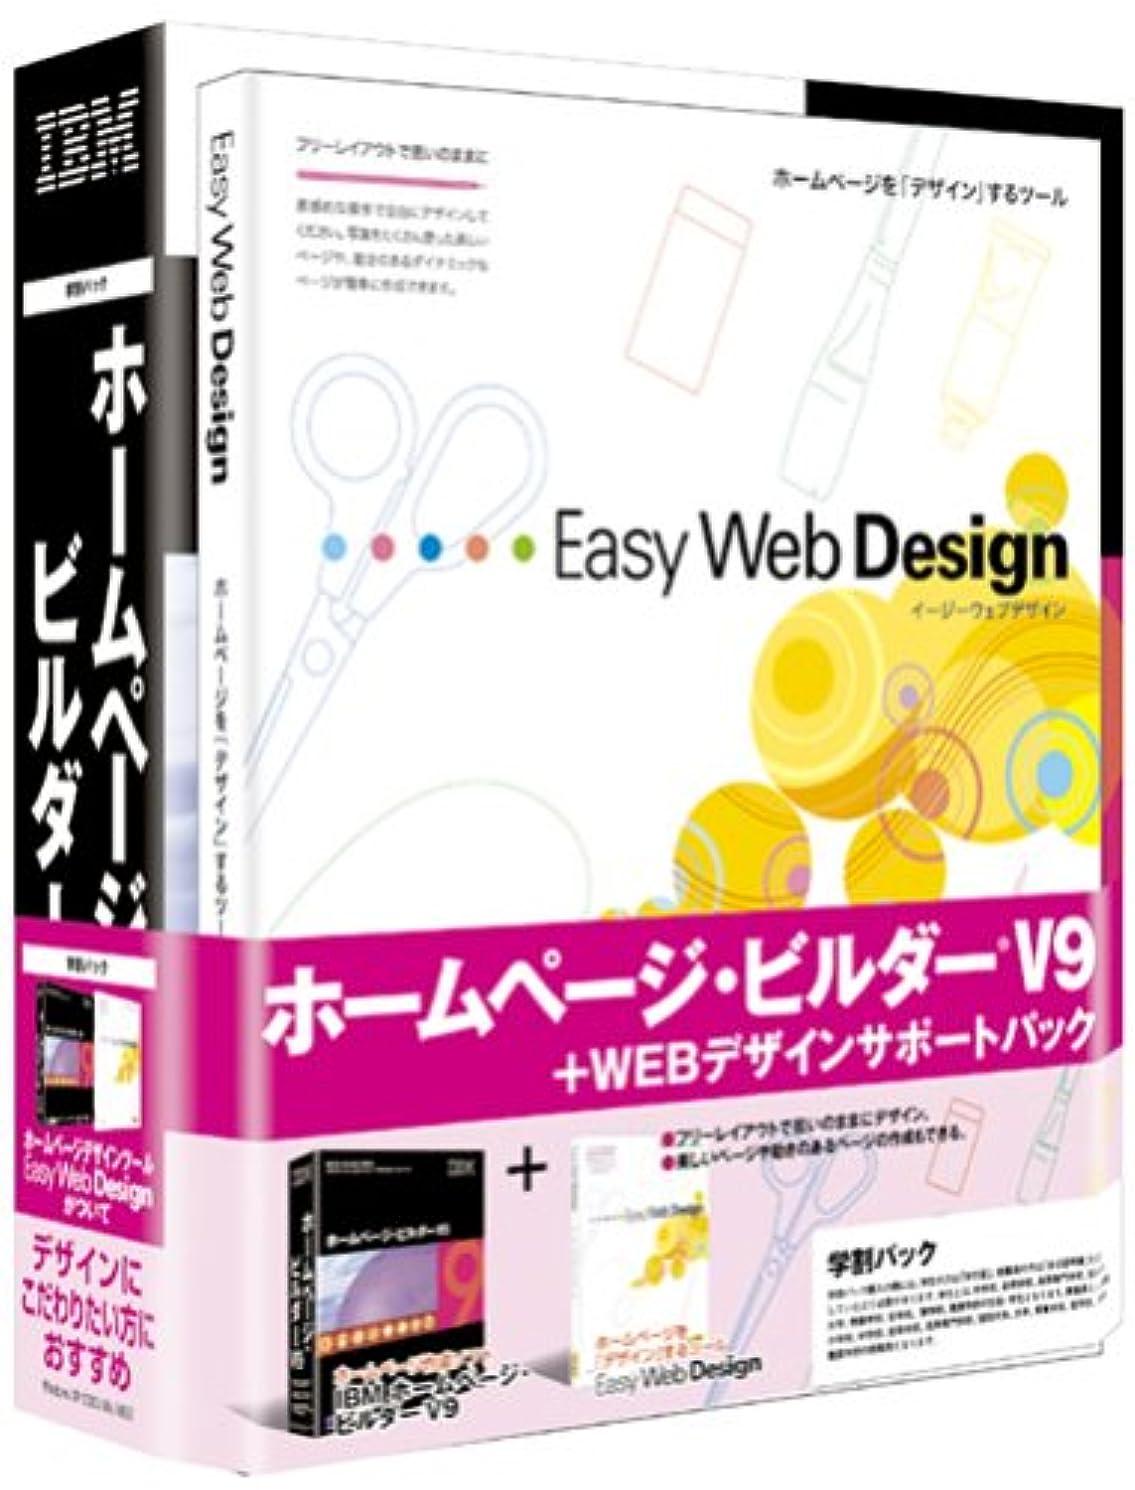 ロイヤリティ悪質なとても多くのIBMホームページ?ビルダー V9 + Webデザインサポートパック 学割パック スペシャルキャンペーン版